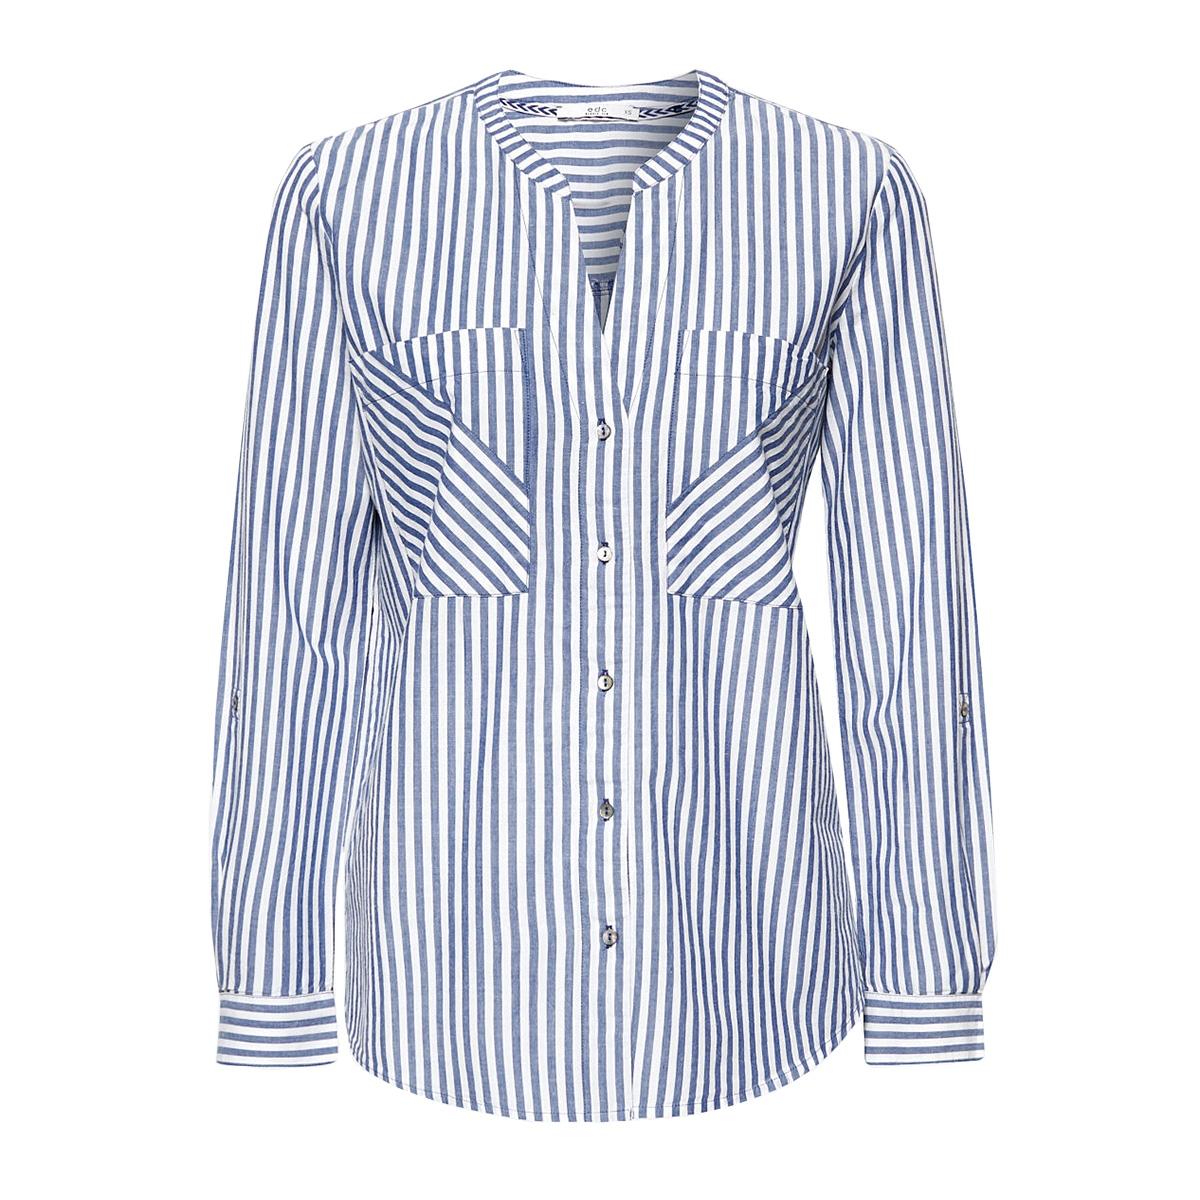 019cc1f012 edc blouse c430